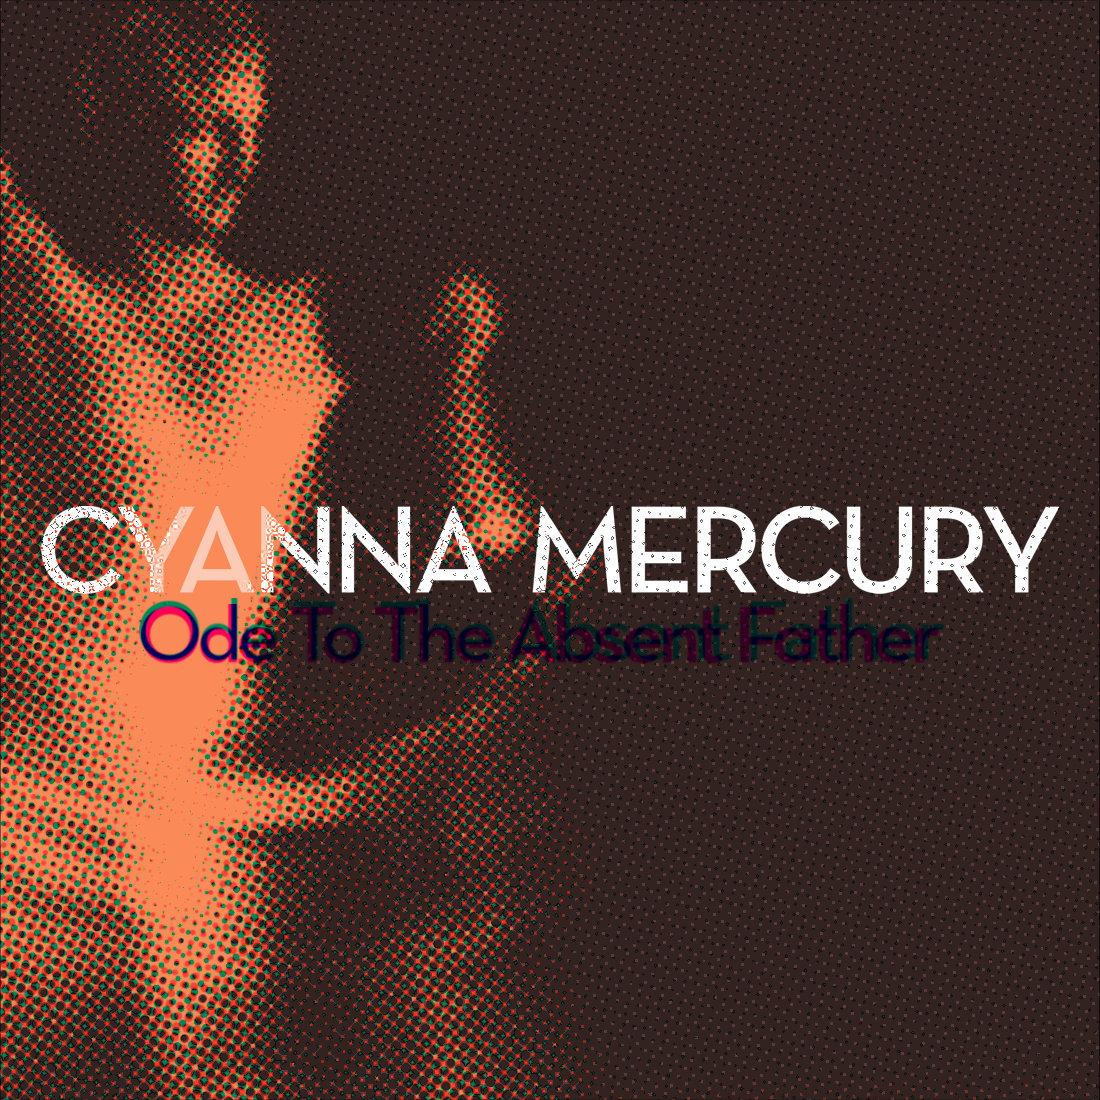 Cyanna Mercury artwork